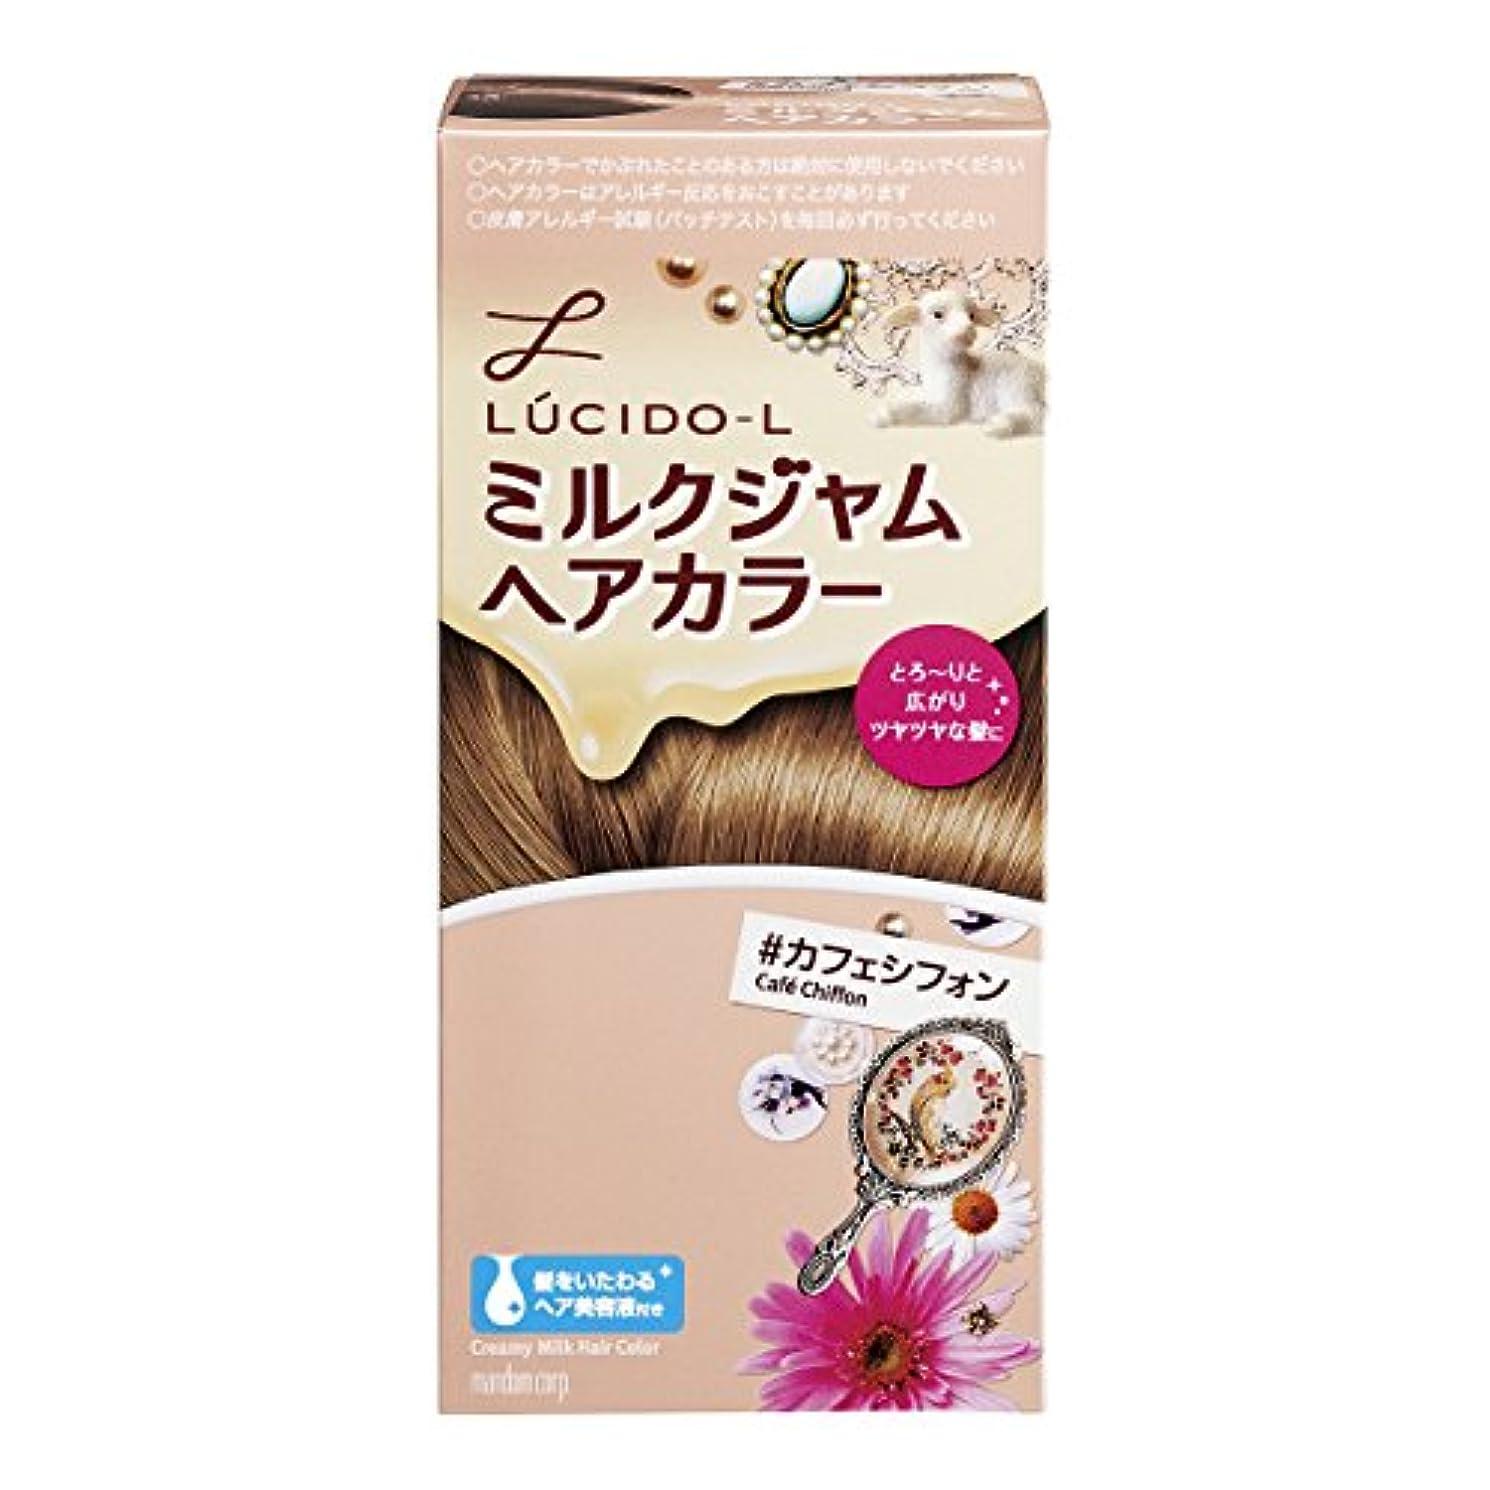 食料品店ファンブル今後LUCIDO-L (ルシードエル) ミルクジャムヘアカラー #カフェシフォン(医薬部外品) (1剤40g 2剤80mL TR5g)